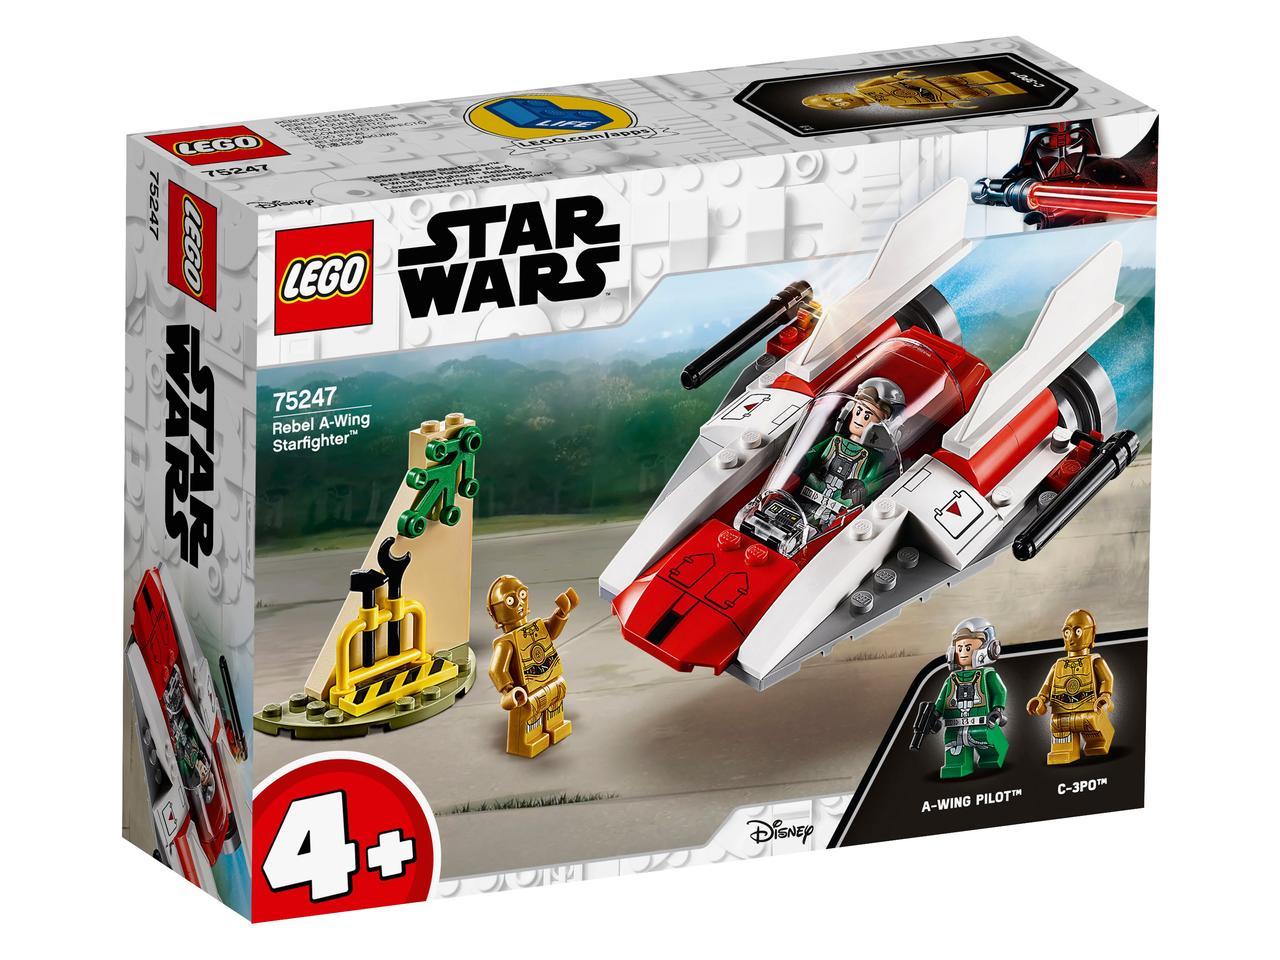 75247 Lego Star Wars Звёздный истребитель типа А™, Лего Звездные войны